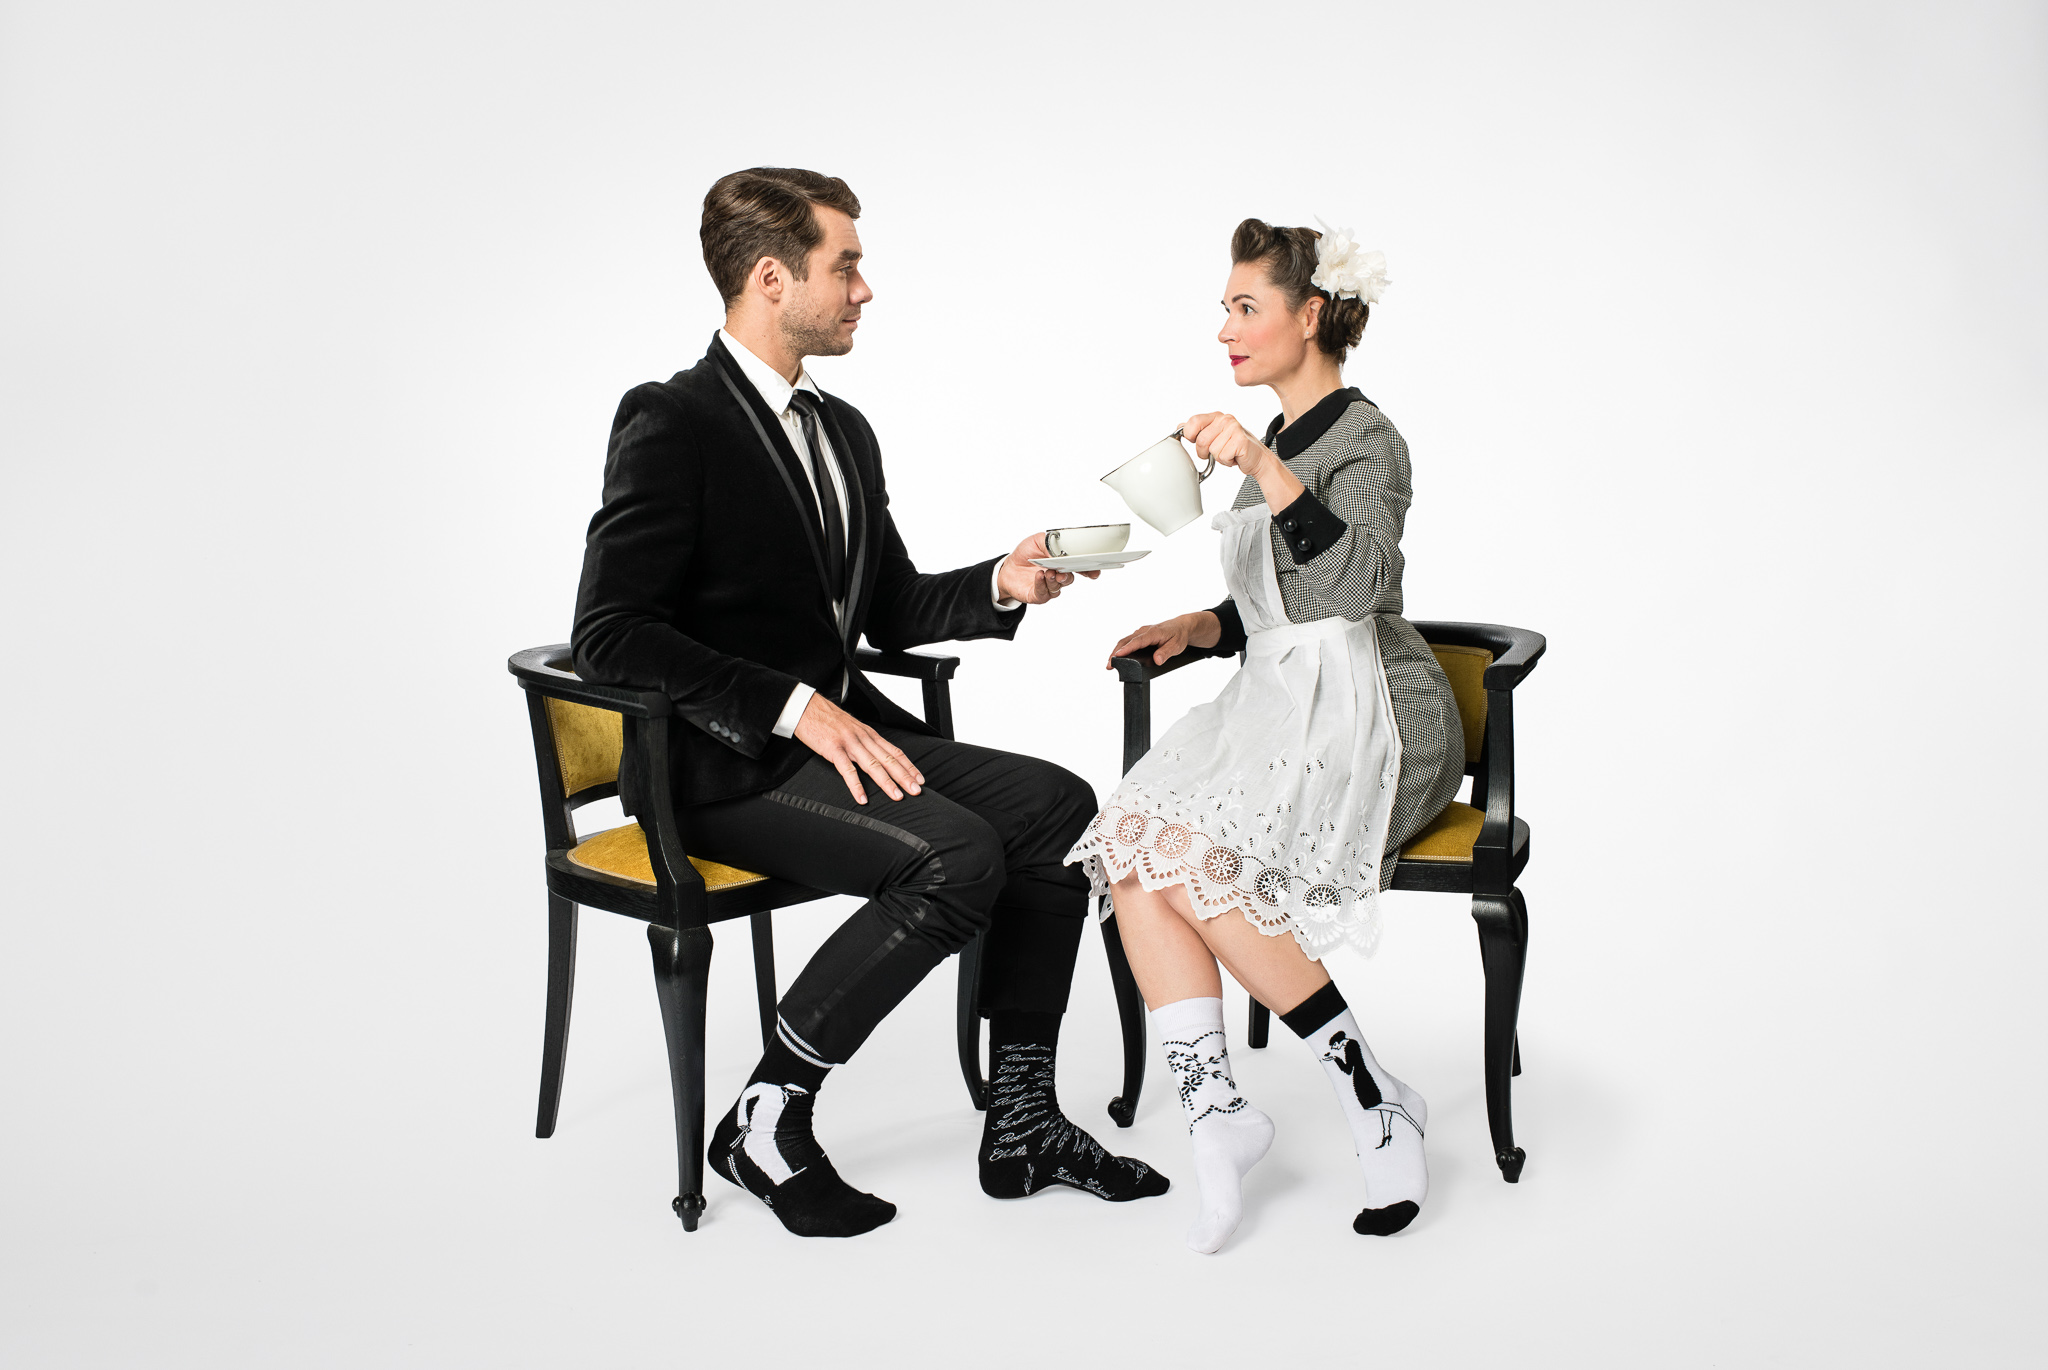 Nová kolekce Aloisových ponožek od Kateřiny, která pomáhá lidem s Alzheimerovou nemocí